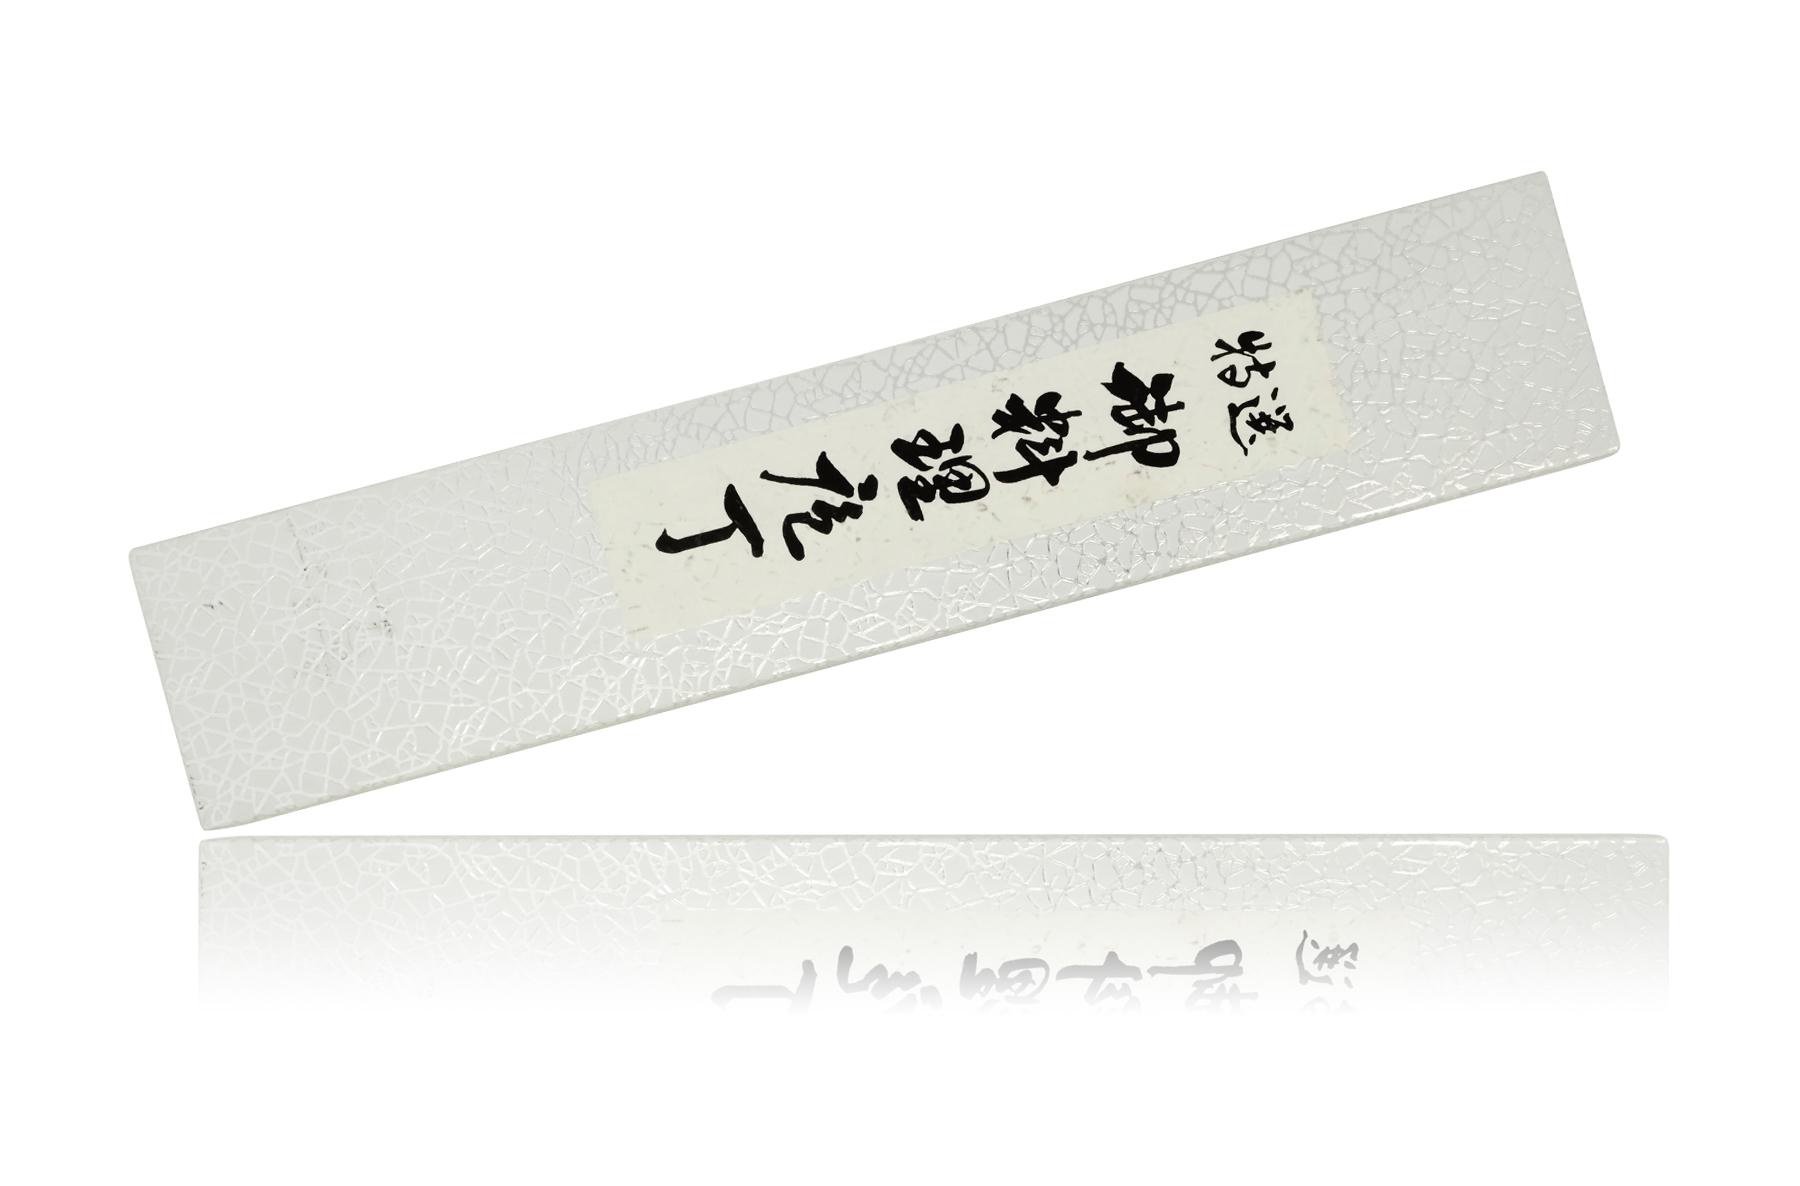 Нож кухонный стальной универсальный 120мм Hiroo Itou Damaskus HI-1120